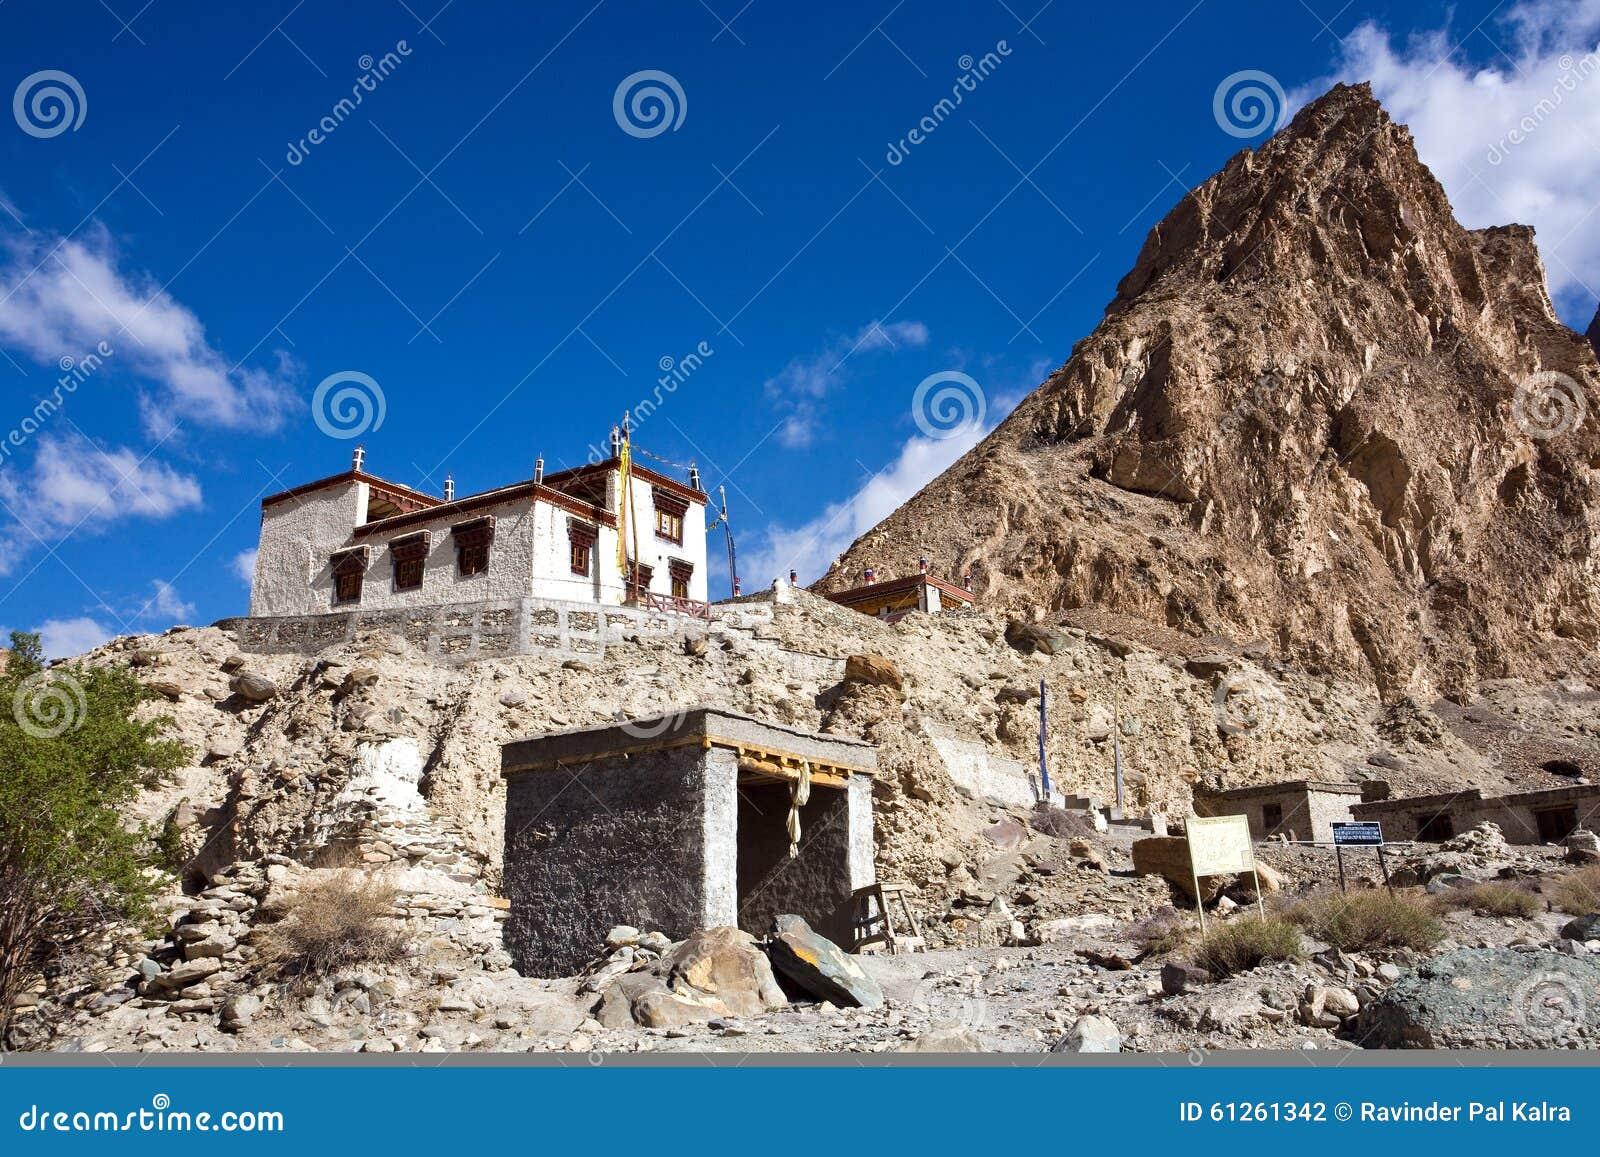 Monasterio budista en el viaje de Markha, valle de Markha, Ladakh, la India